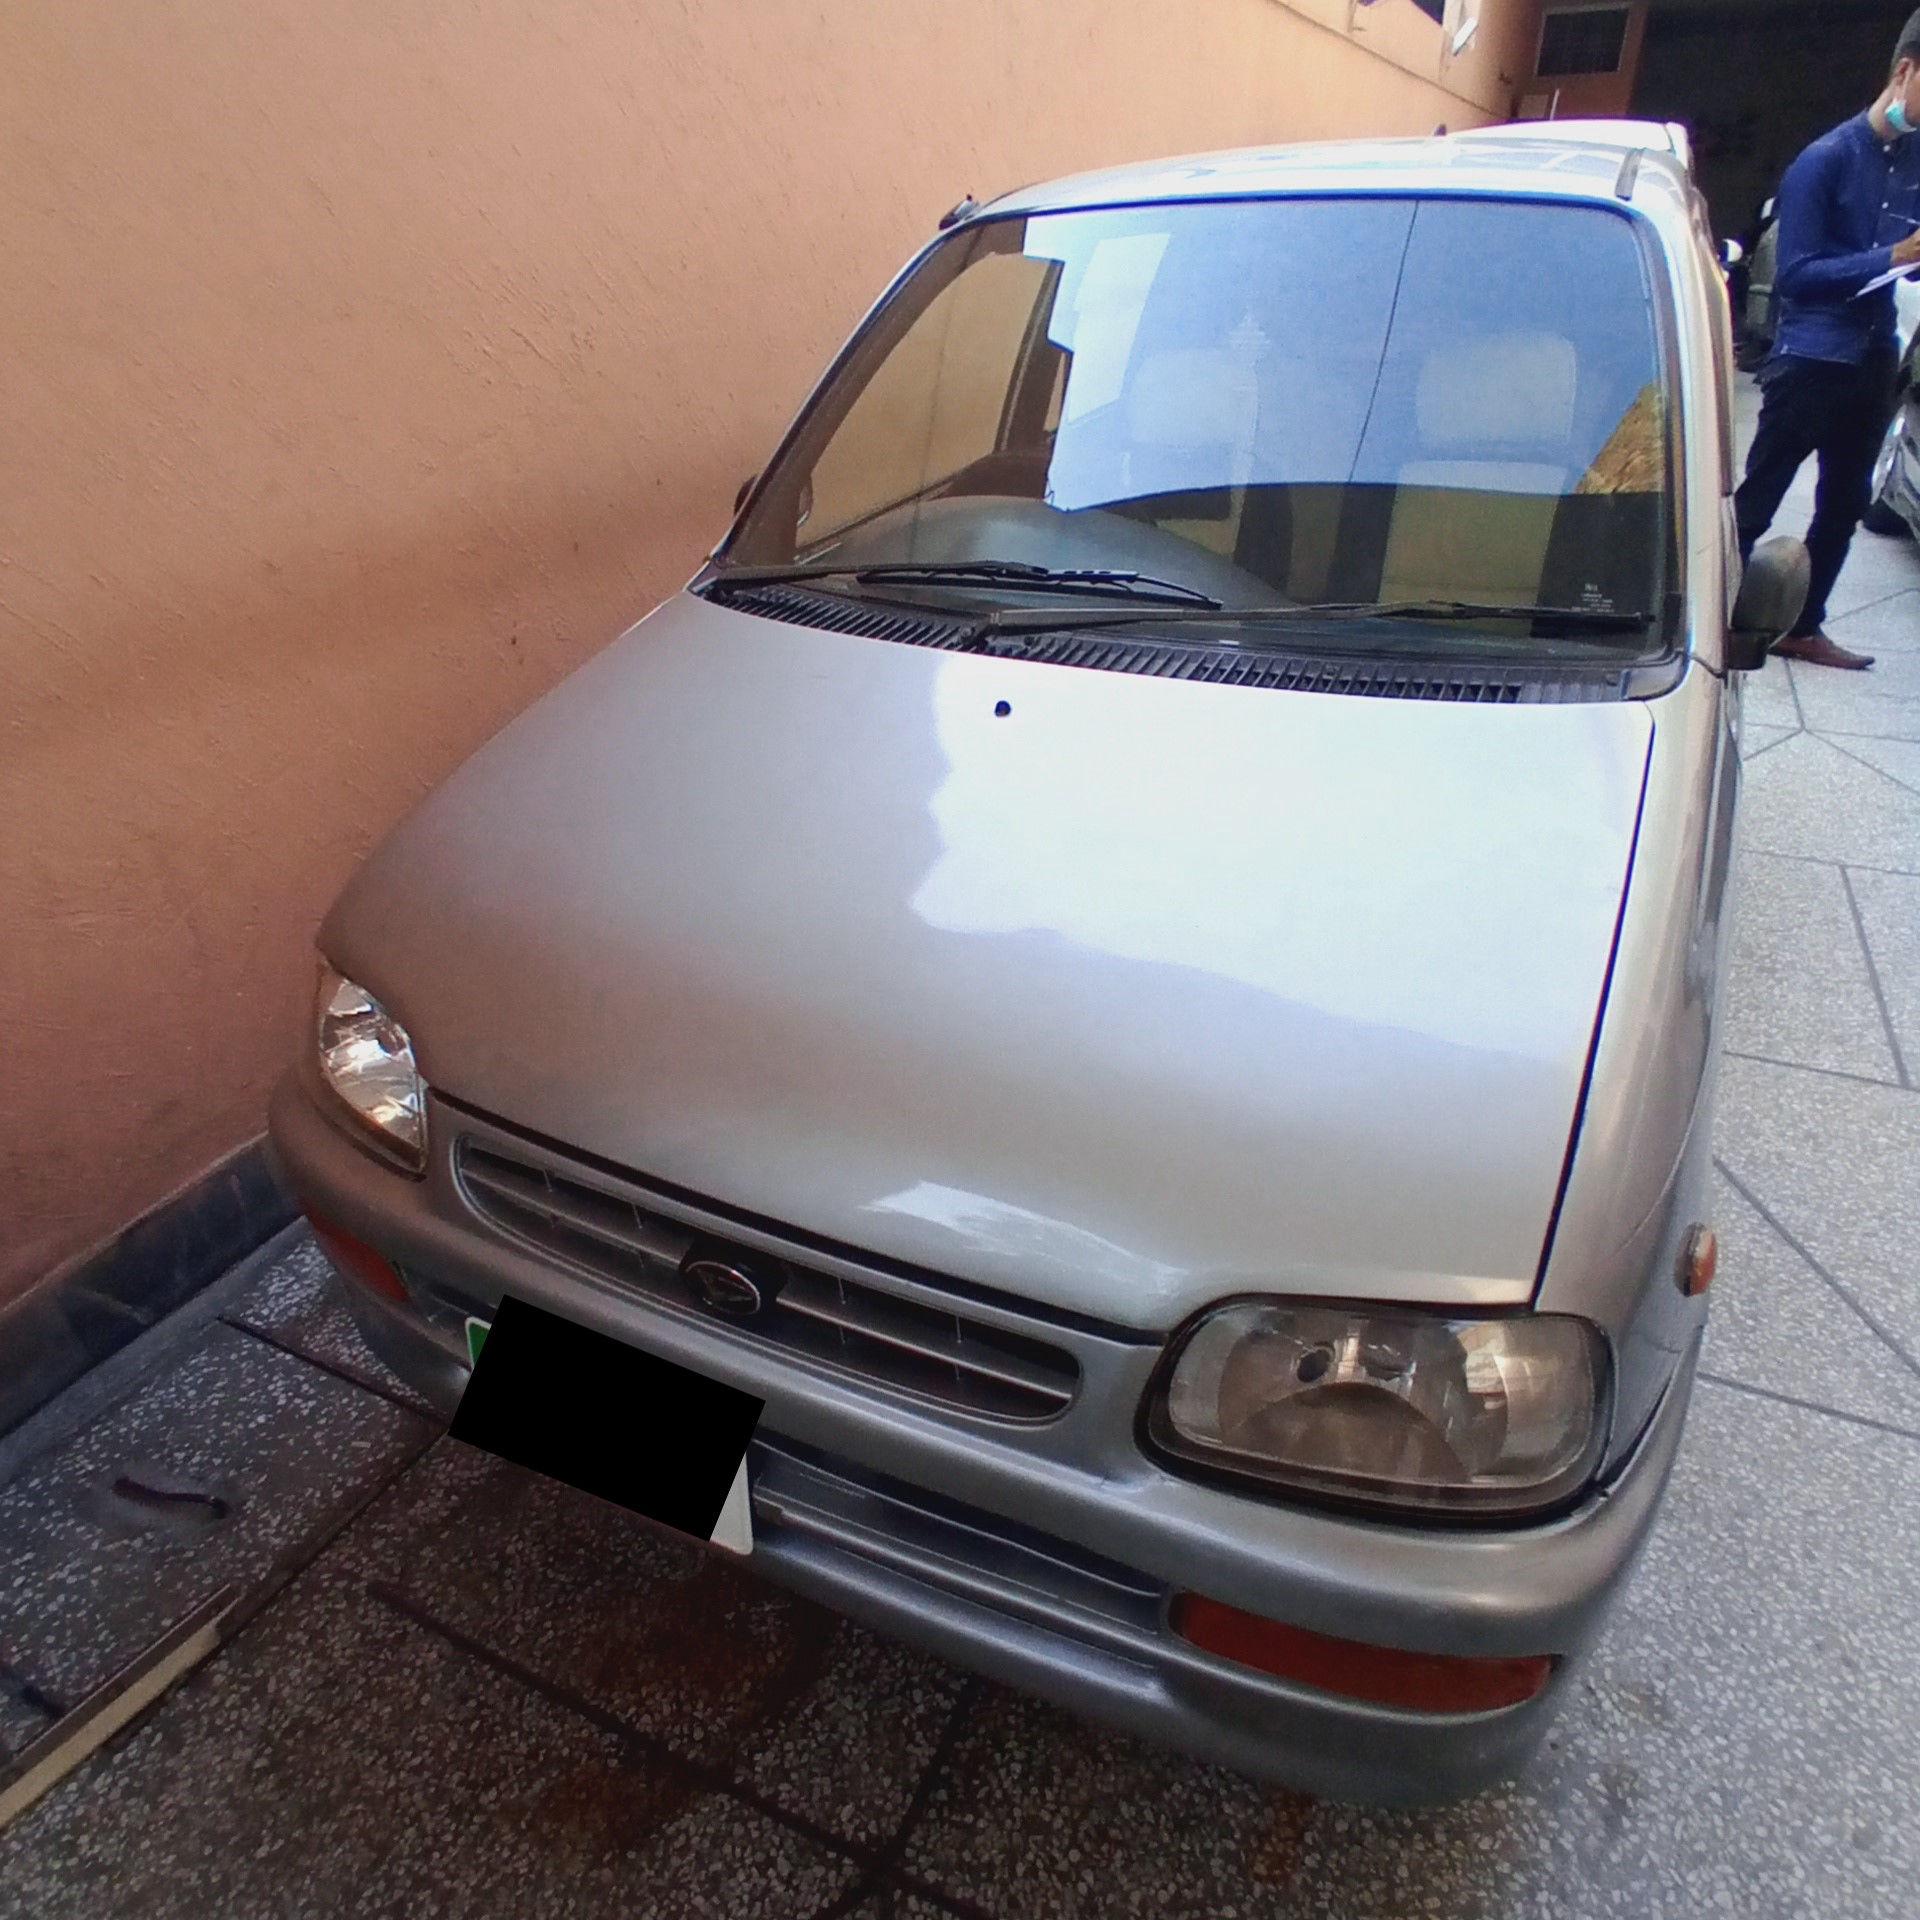 Daihatsu Cuore CX Eco 2004